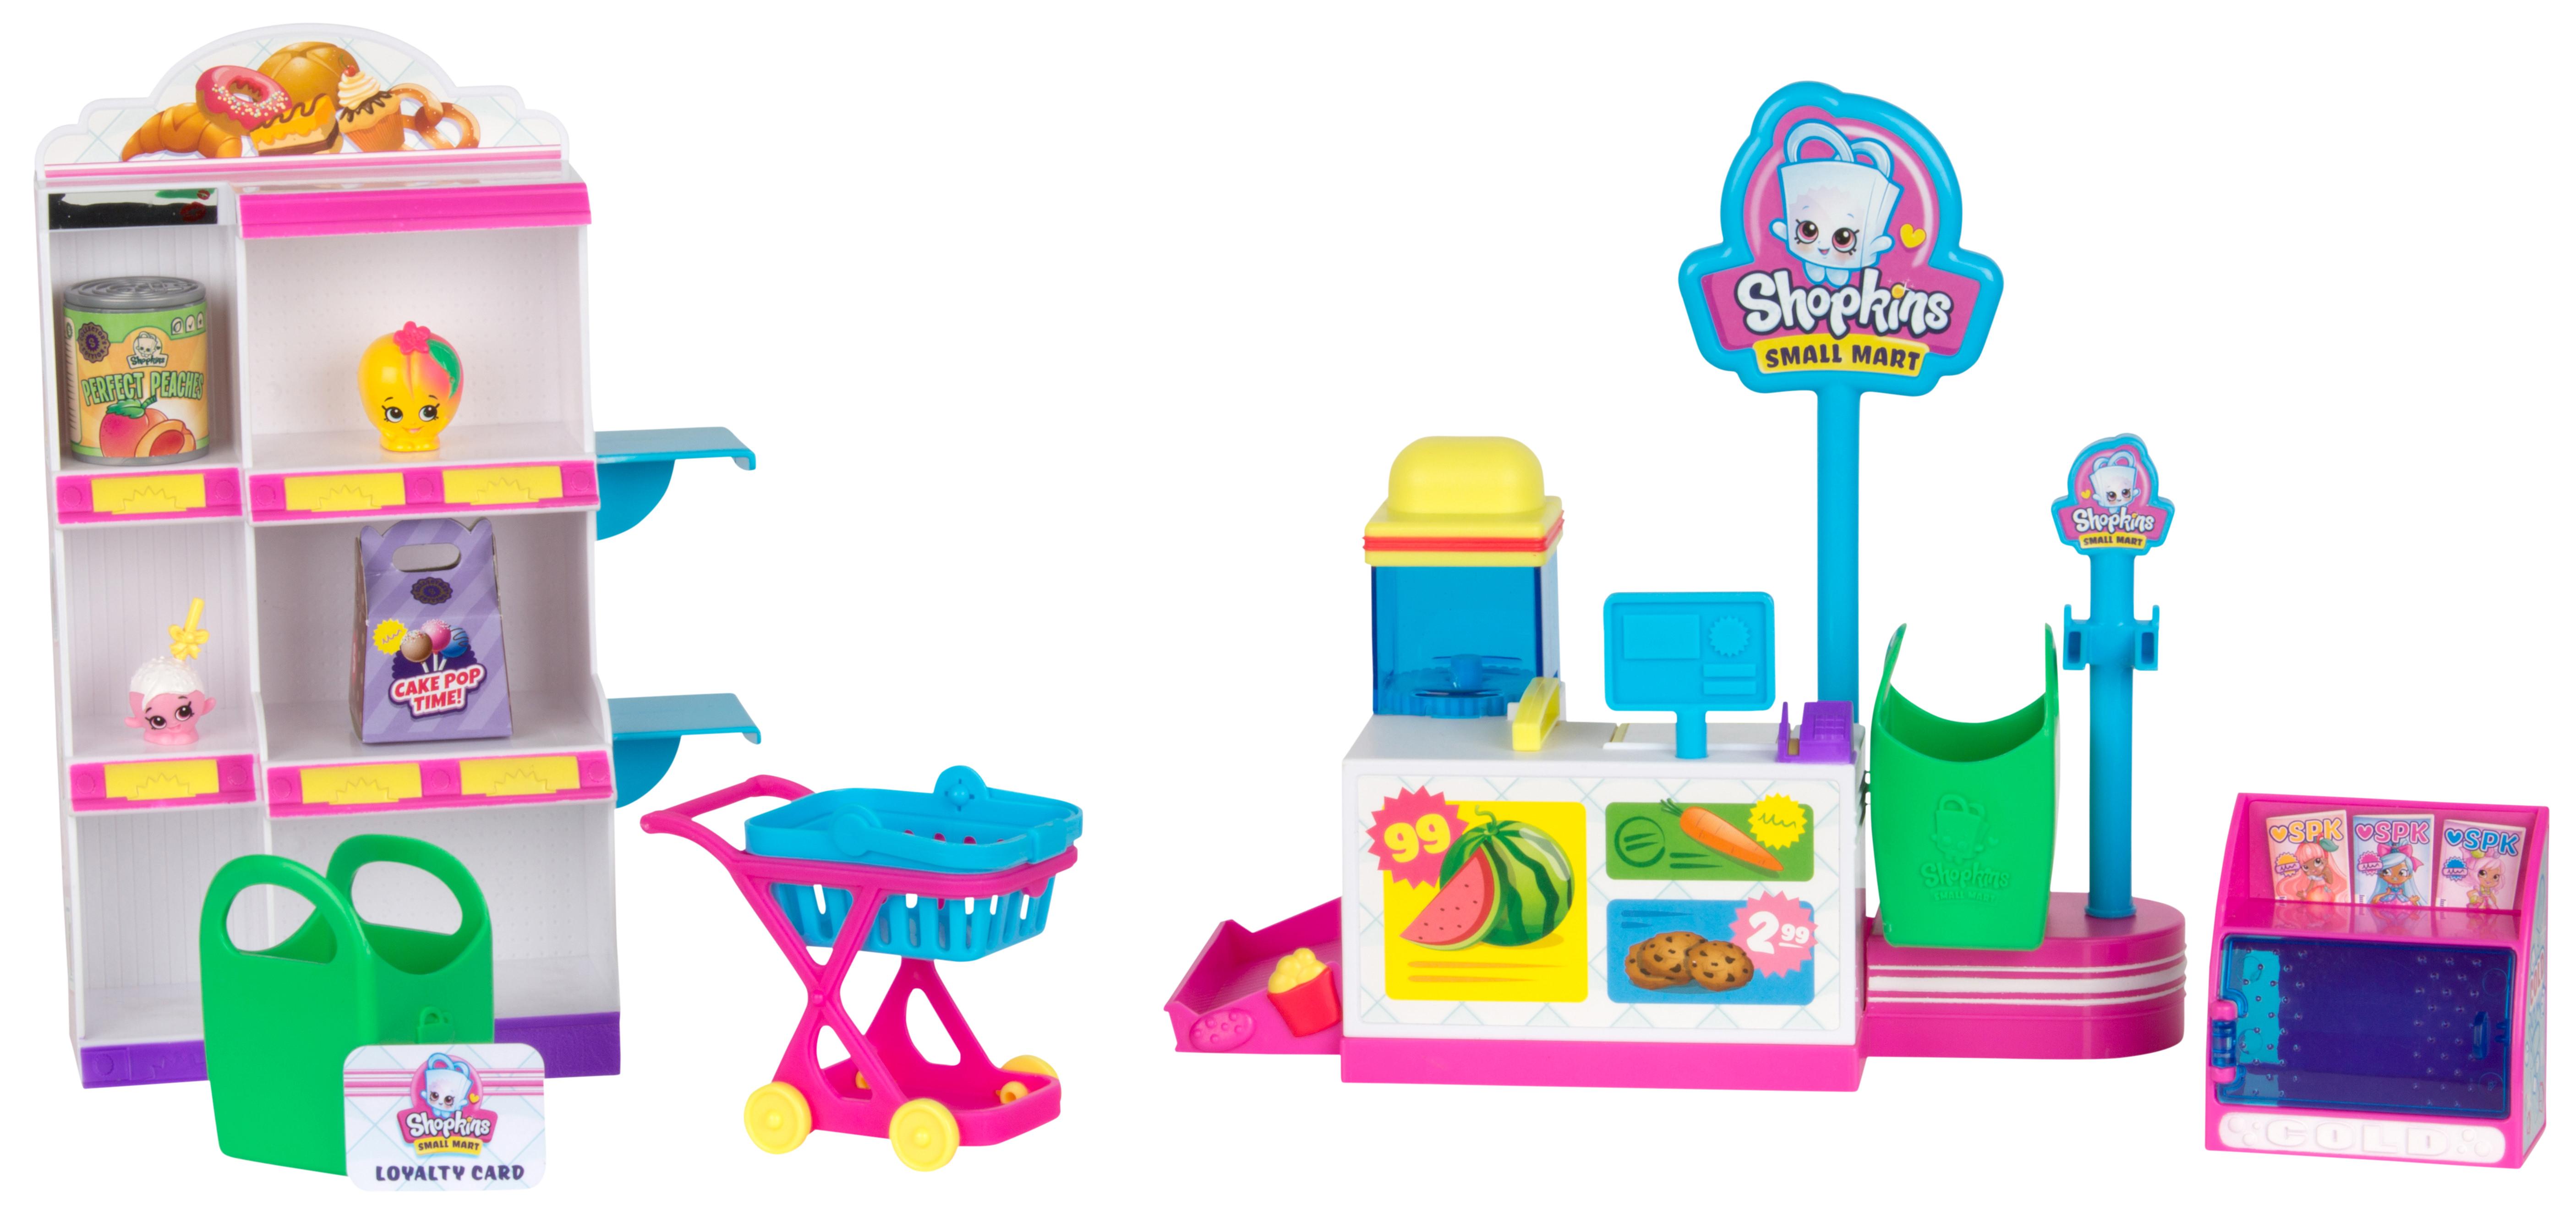 Shopkins Season 10 Small Mart.